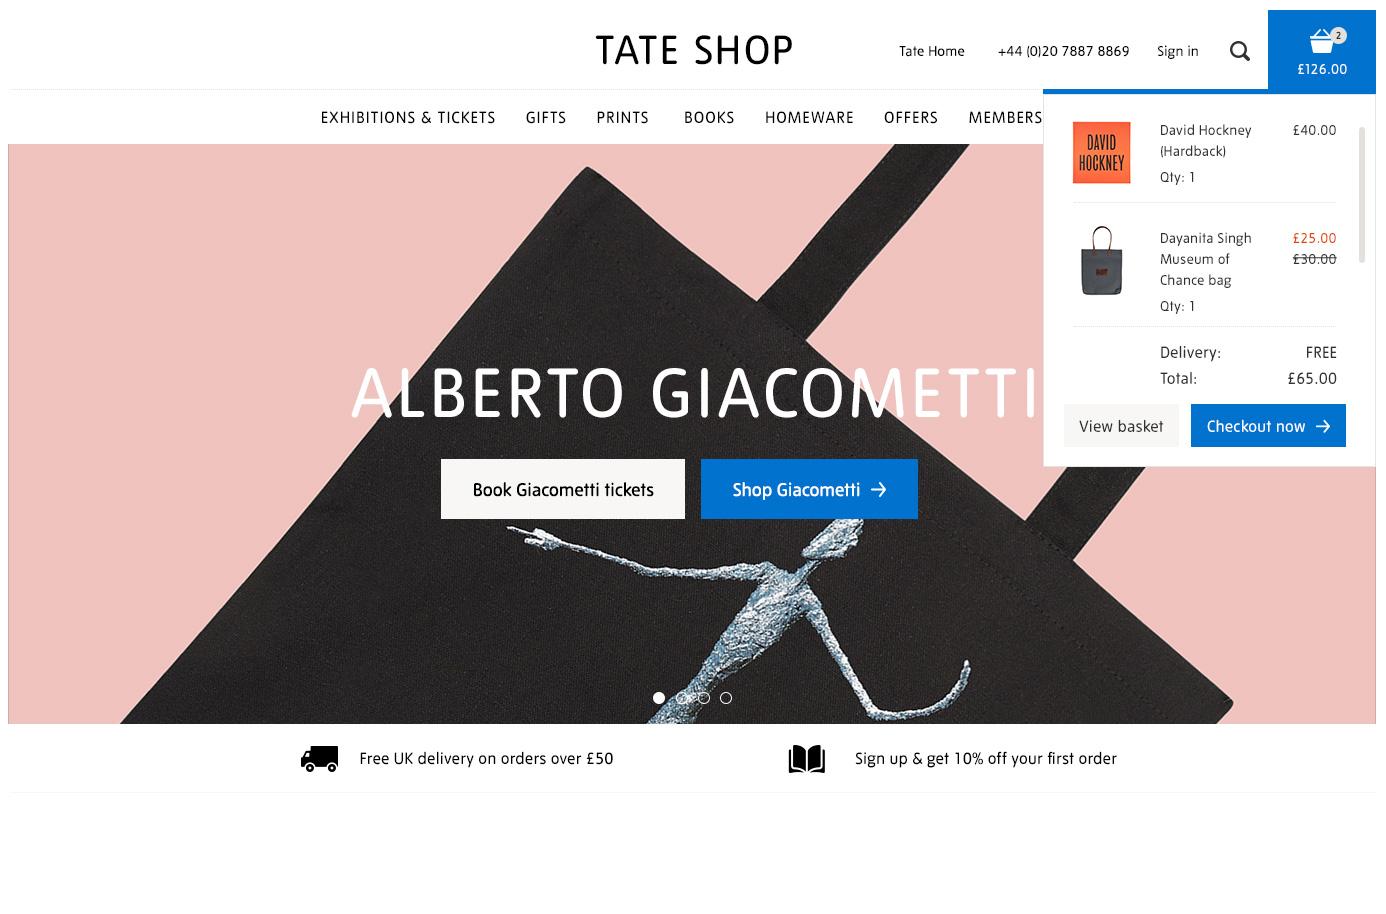 Tate-Shop-Mini-Bag